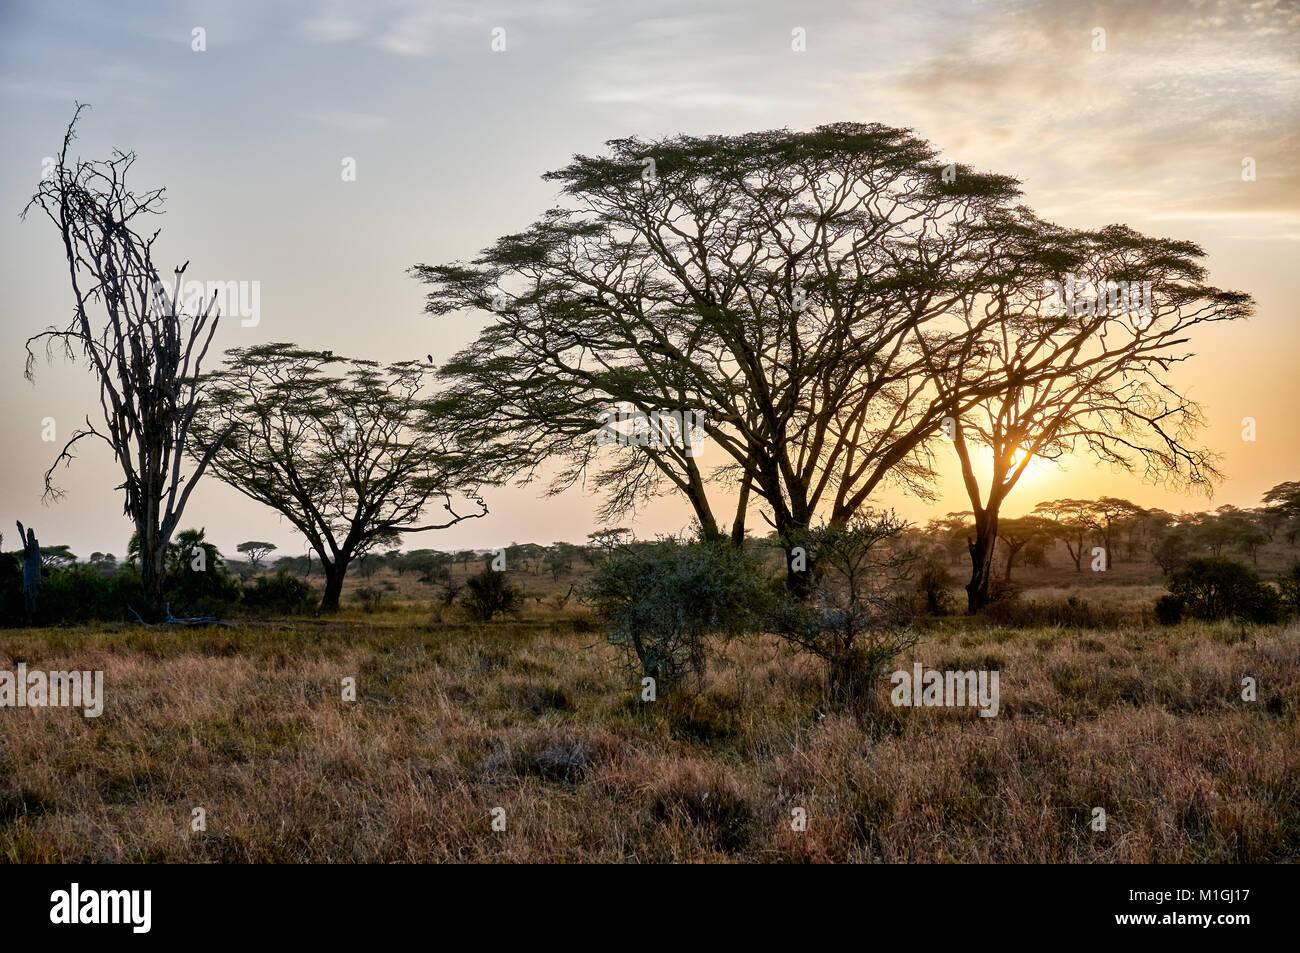 Amanecer en el Parque nacional Serengeti, sitio del patrimonio mundial de la UNESCO, Tanzania, África Foto de stock